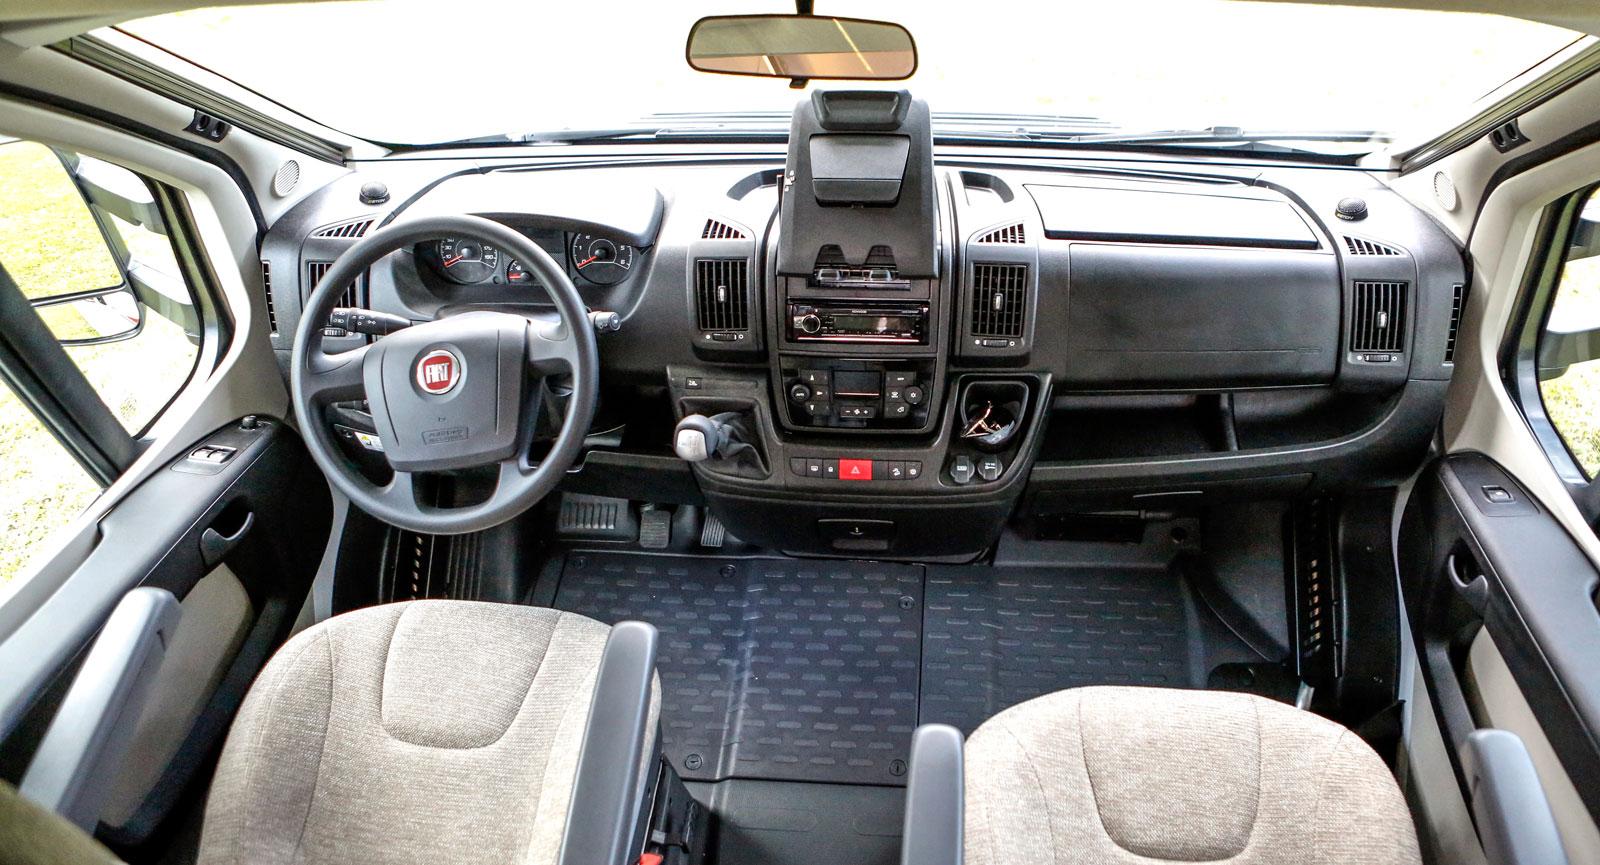 Fiats välkända förarmiljö, men med stolar utan snurrfunktion.